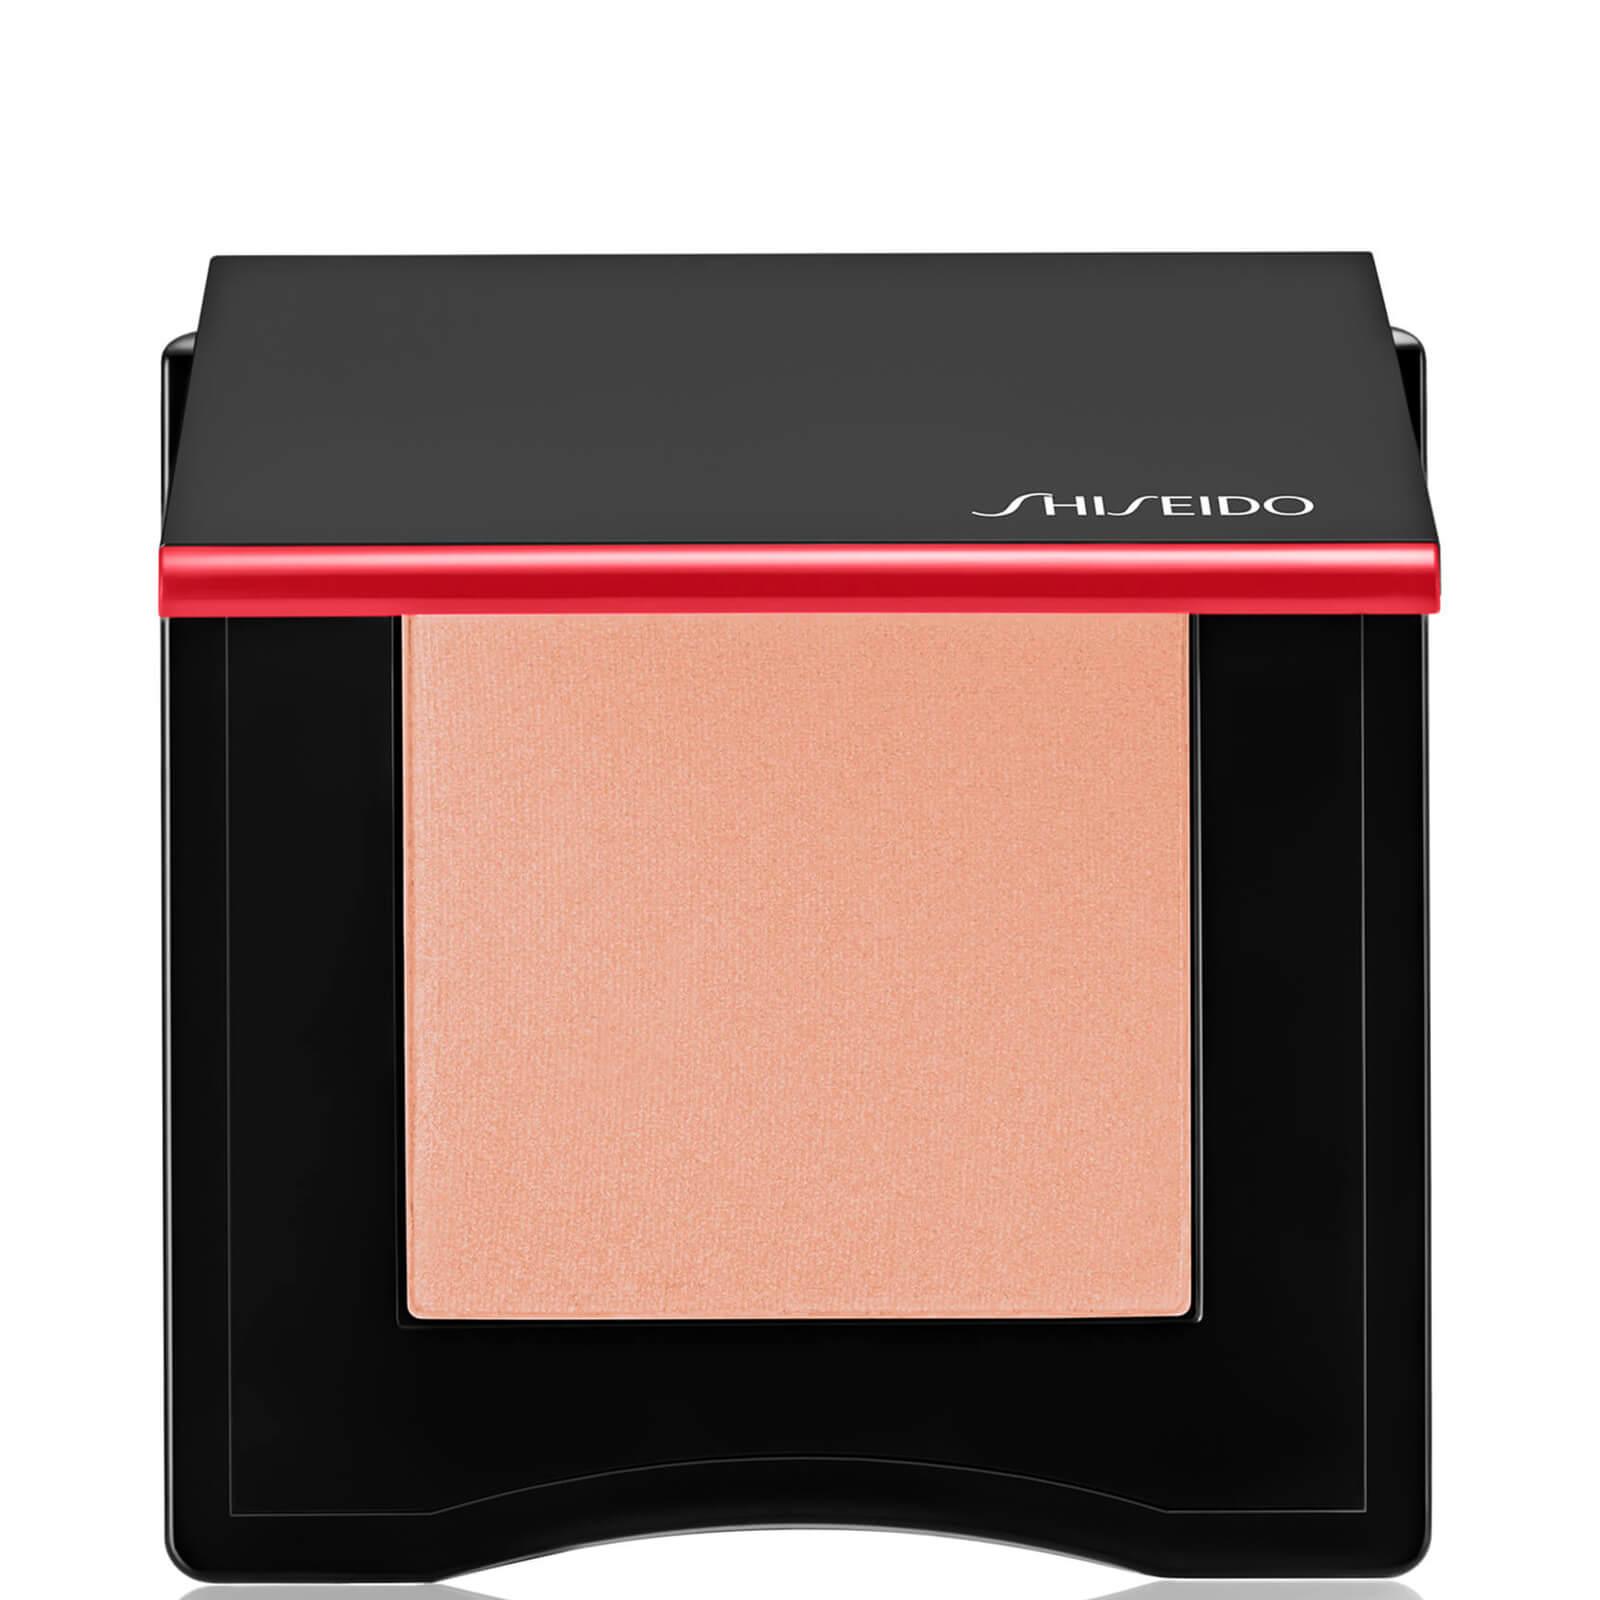 Купить Румяна для лица с эффектом естественного сияния Shiseido Inner Glow Cheek Powder (различные оттенки) - Alpen Glow 06